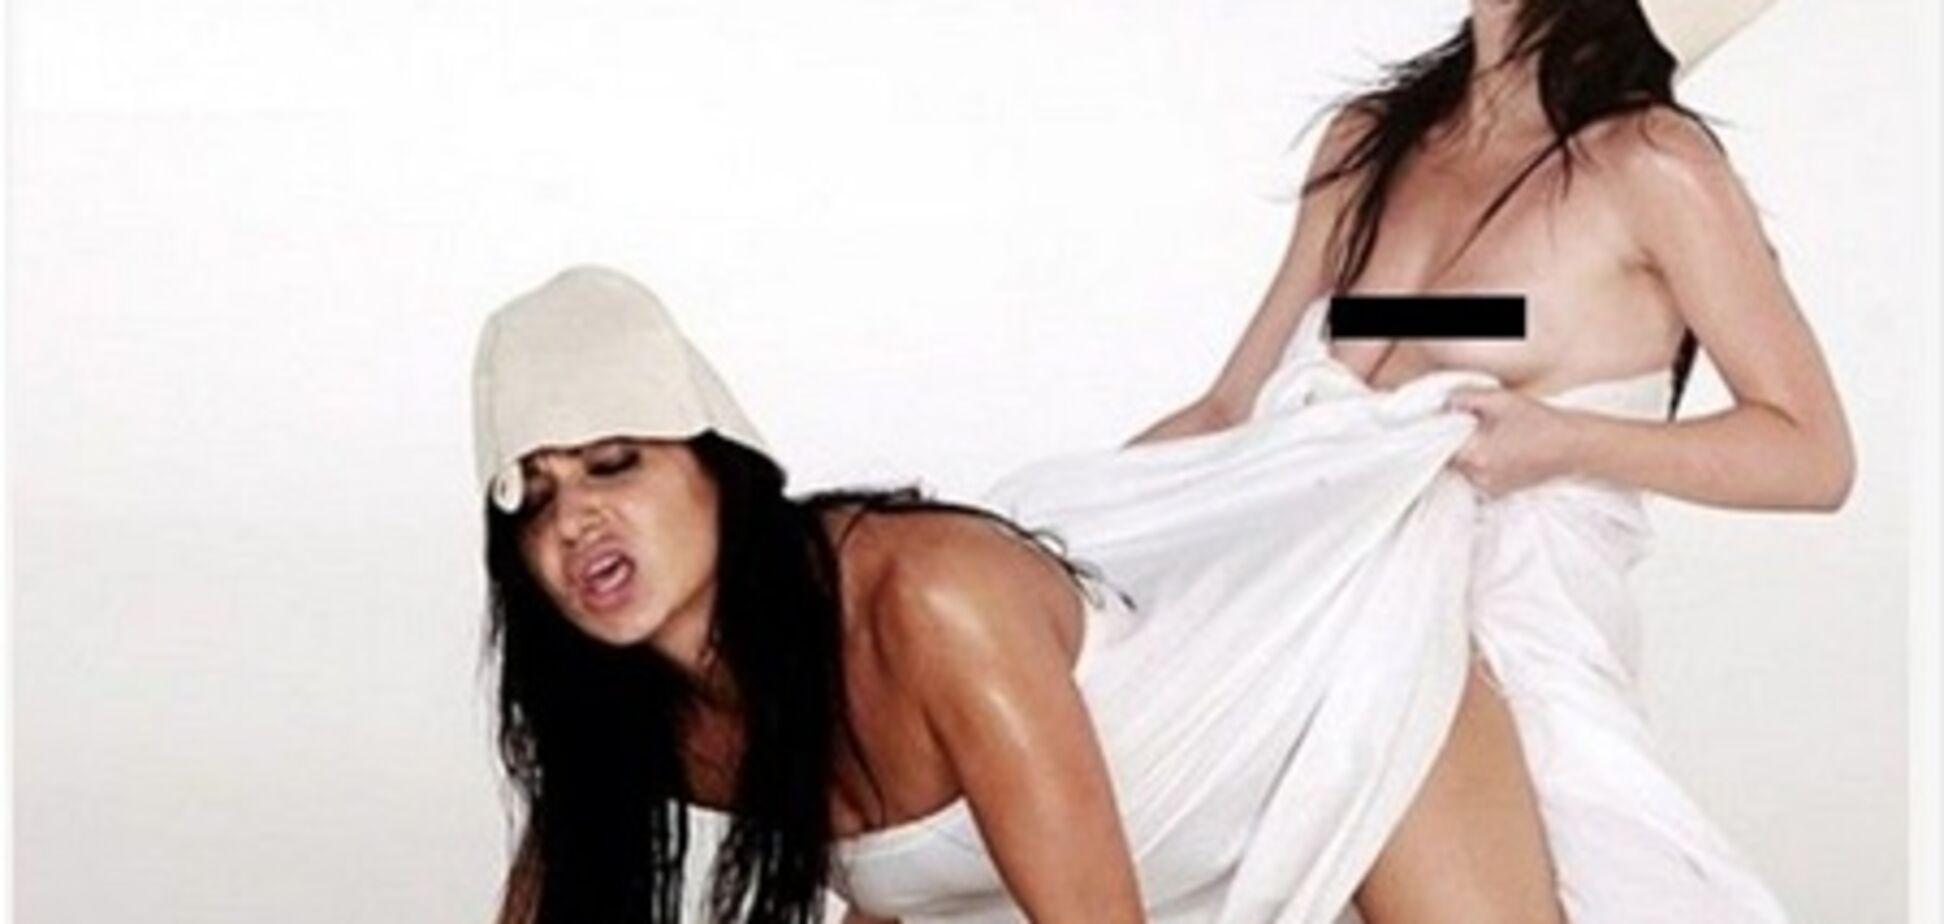 Звездные проститутки: кто из артистов 'выступает' в саунах